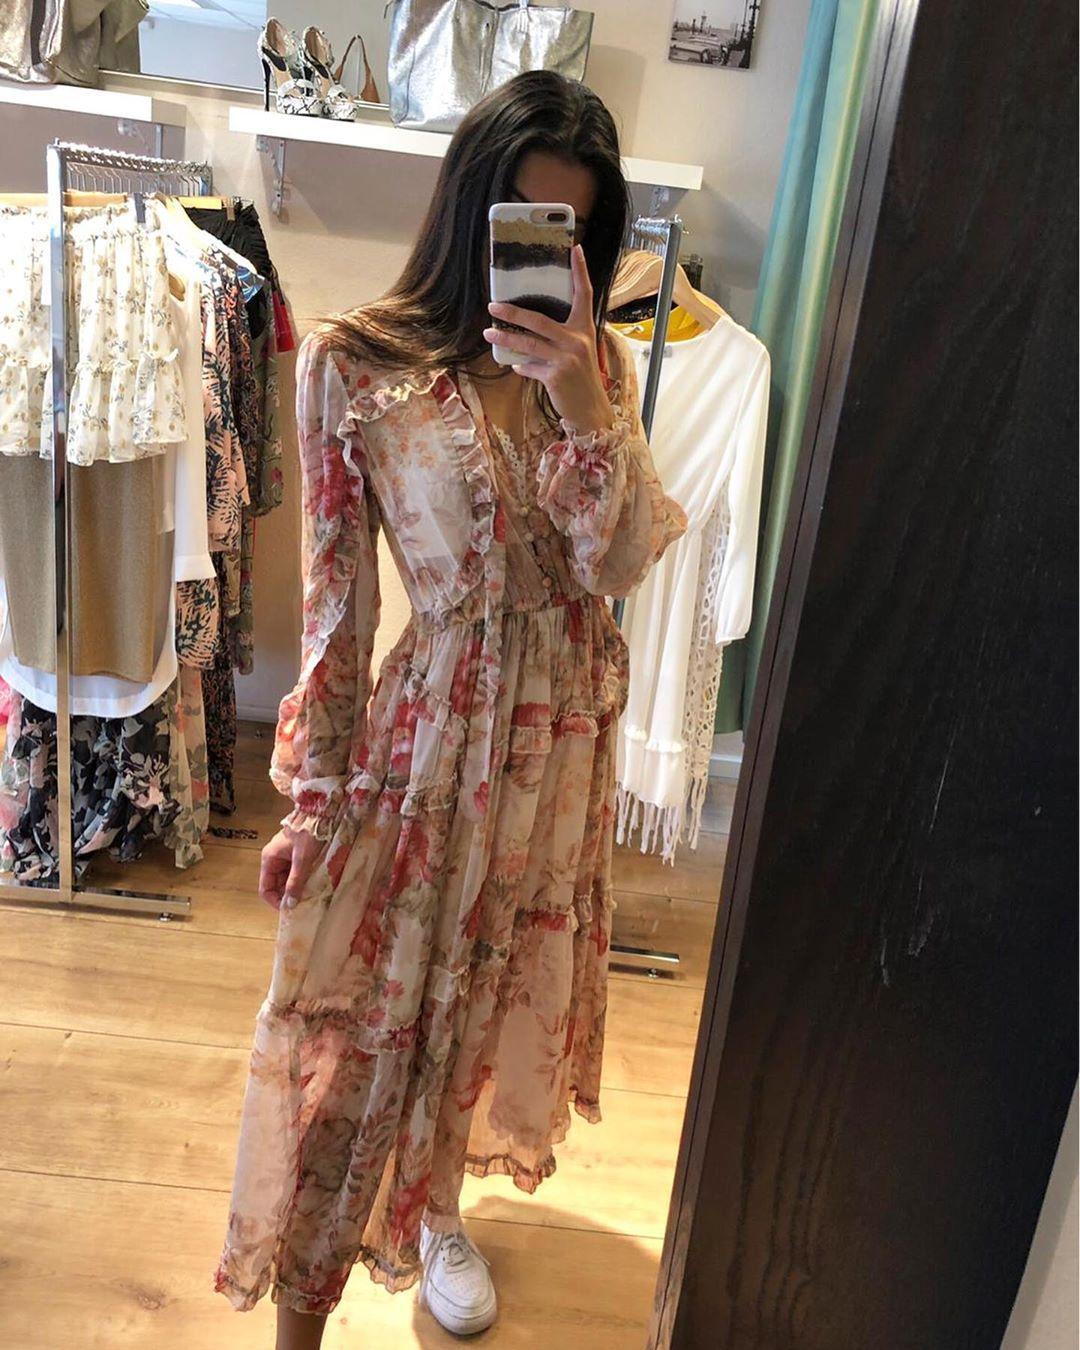 Kleid Sommer 2019 Newcolletion Paris Fashion Madeinitaly Kleid Girls Dress Peakcologne Madeinitaly Fashionblogger Mode St Mit Bildern Kleider Bluse